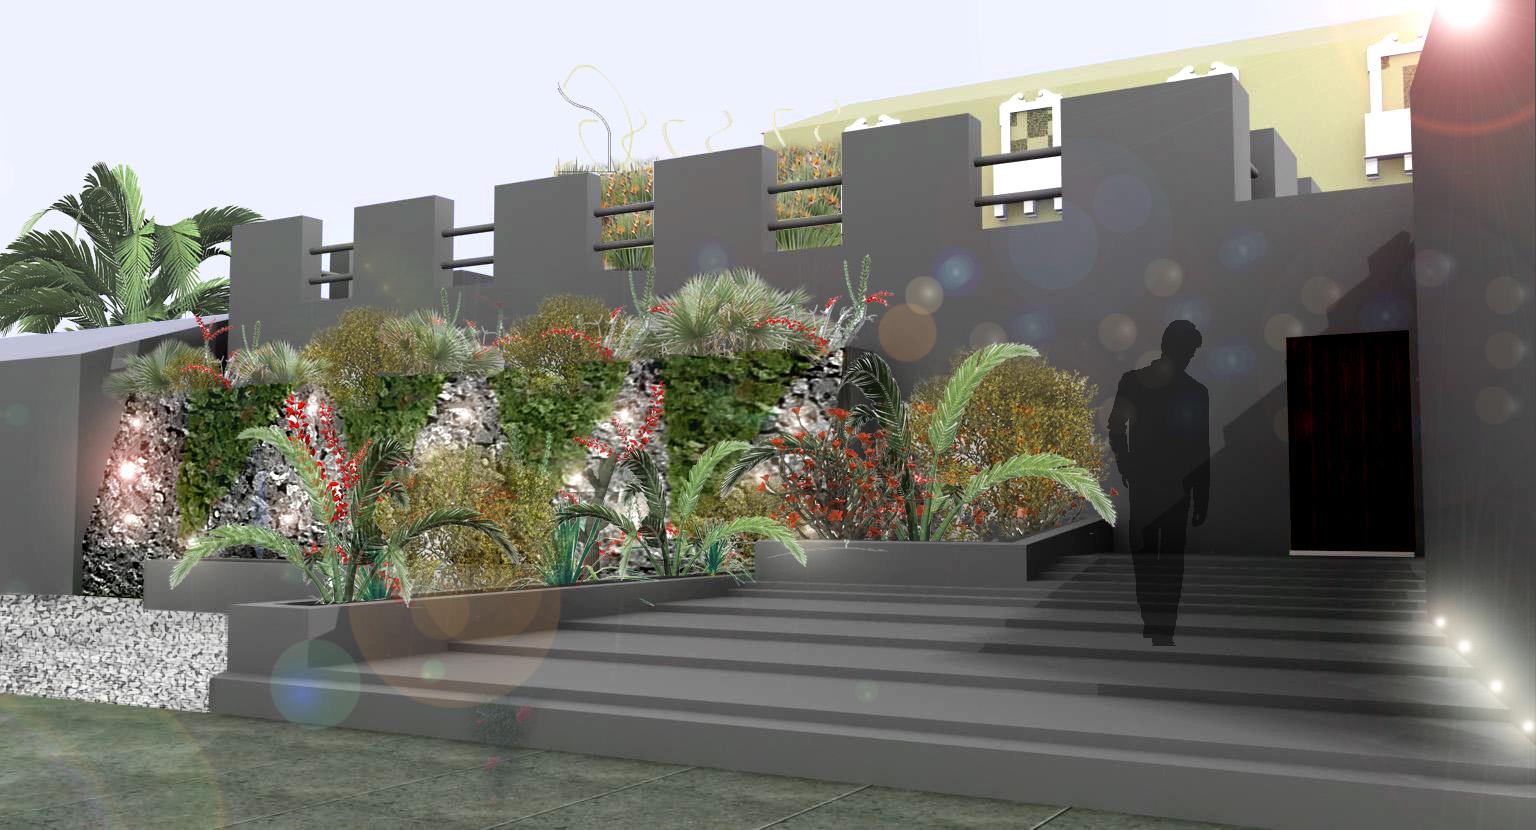 Luca simonetti architetto render giardino privato for Rendering giardino